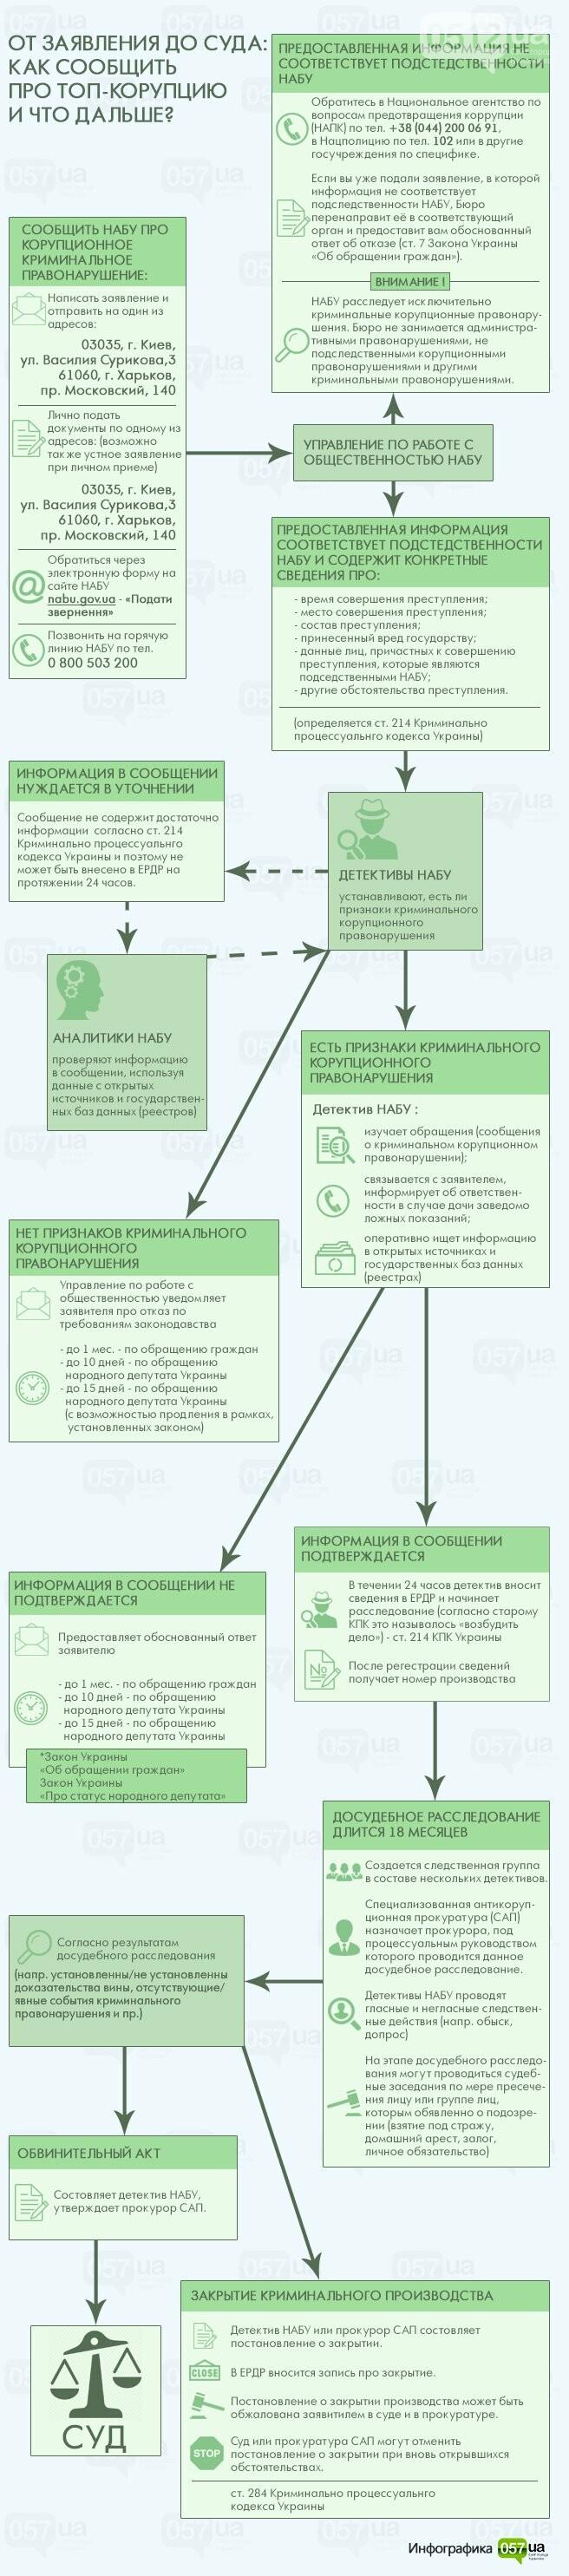 Что такое НАБУ и как оно работает (инфографика), фото-1